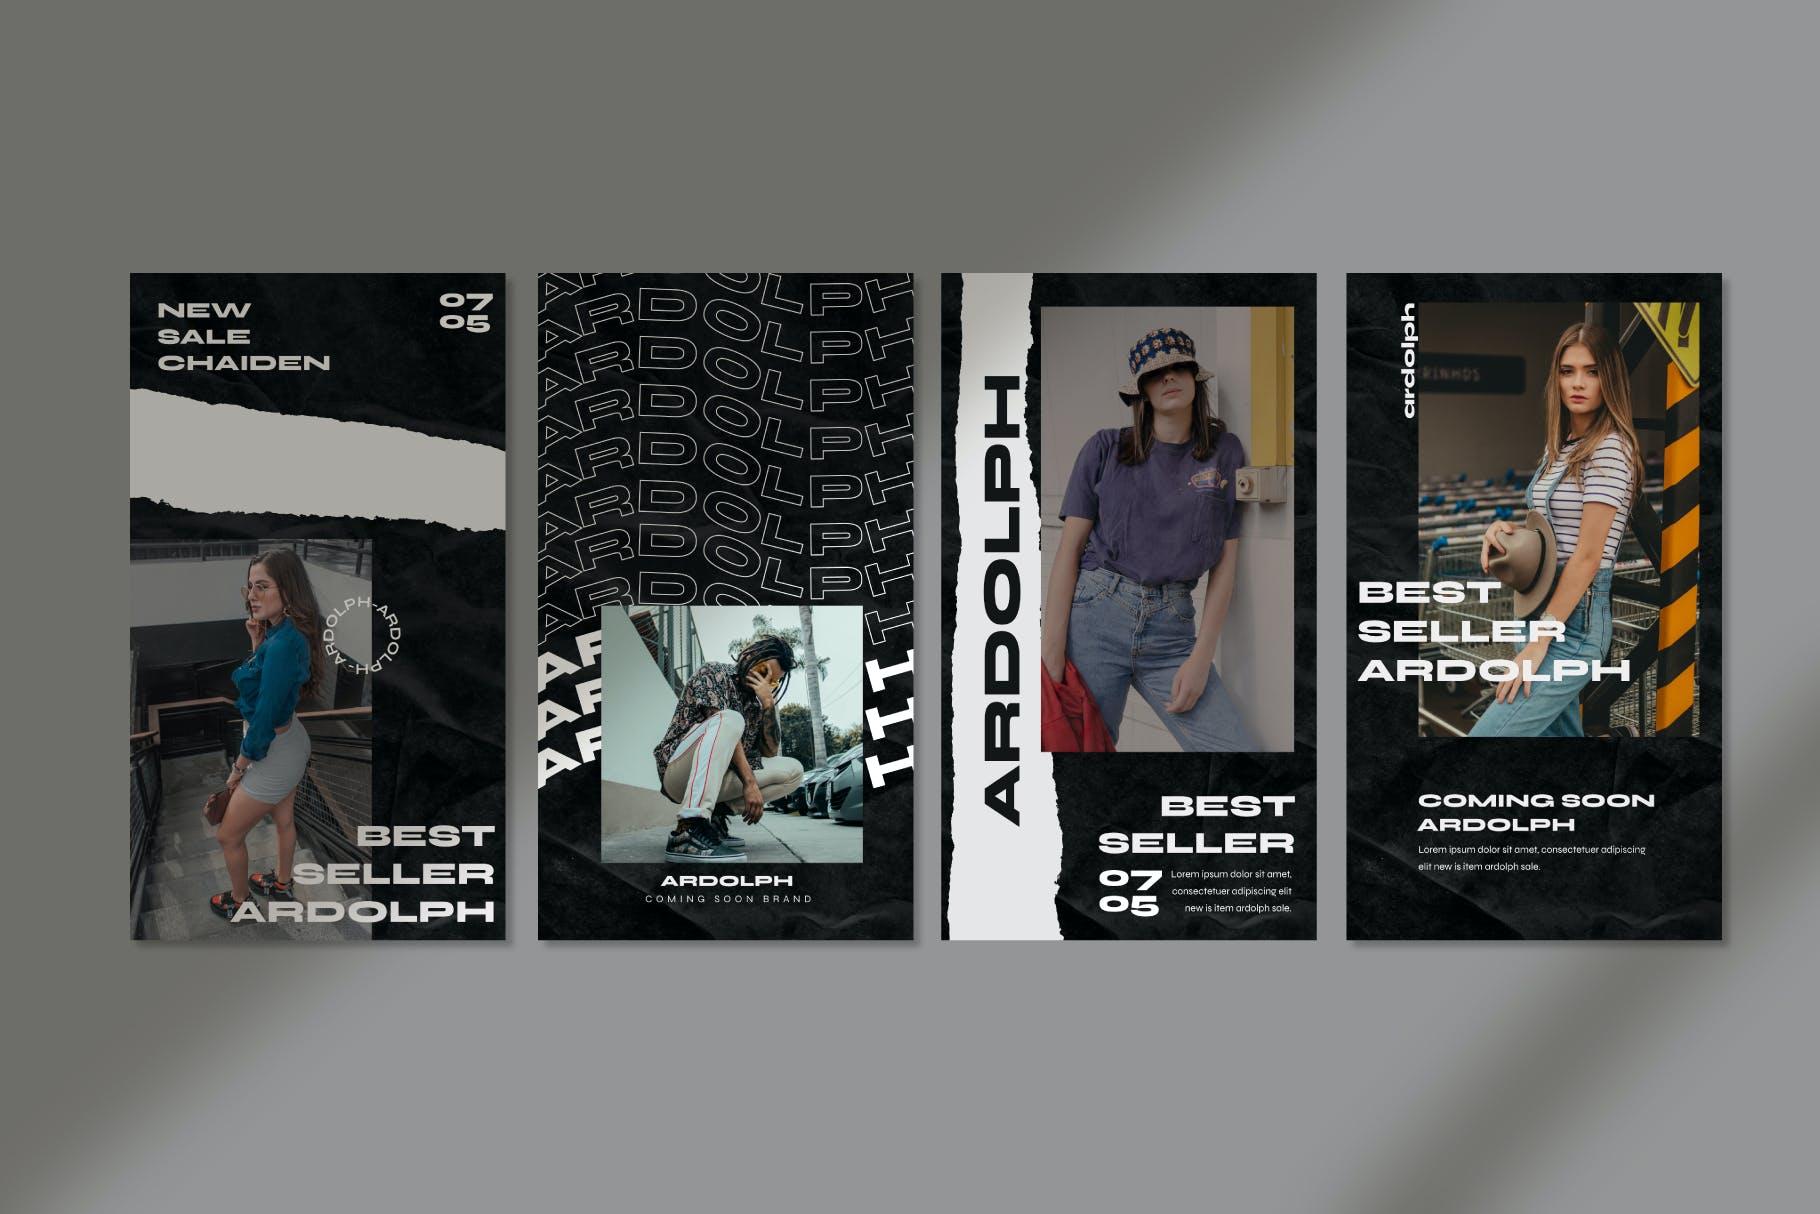 时尚撕纸效果街头潮牌品牌推广新媒体海报设计PSD模板 Ardolph – Instagram Post and Stories插图(7)